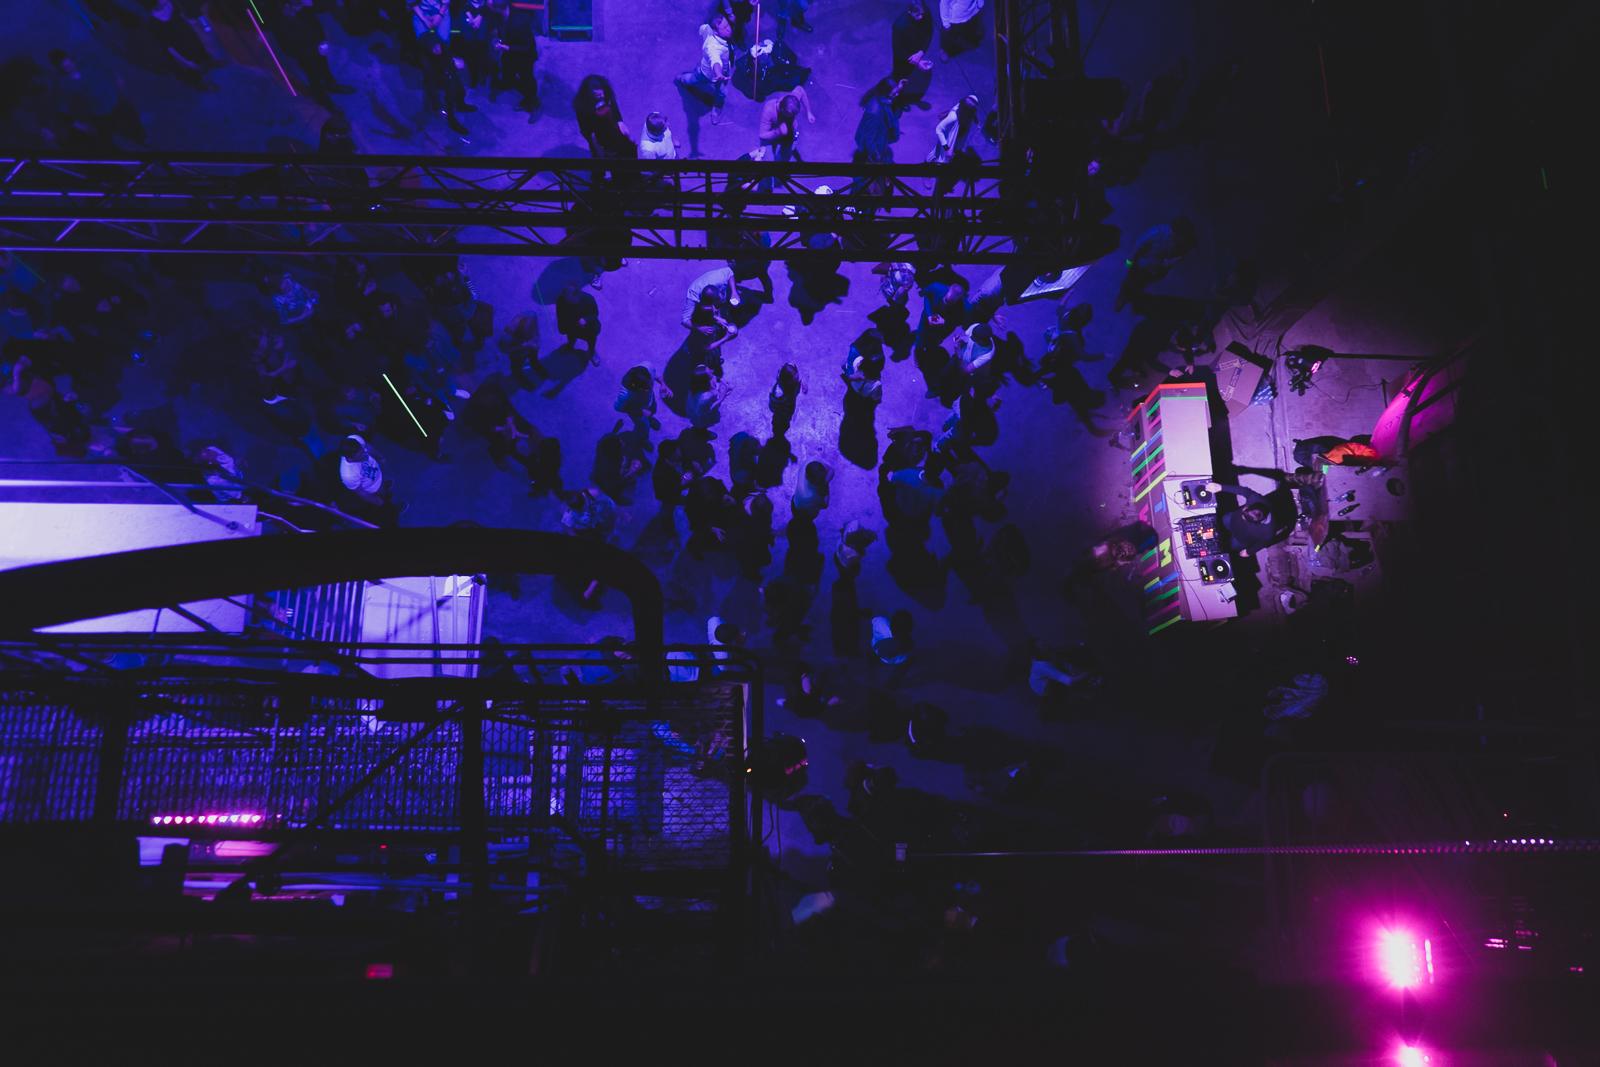 Klassikalise muusika reiv Kultuurikatlas. Foto: Janis Kokk